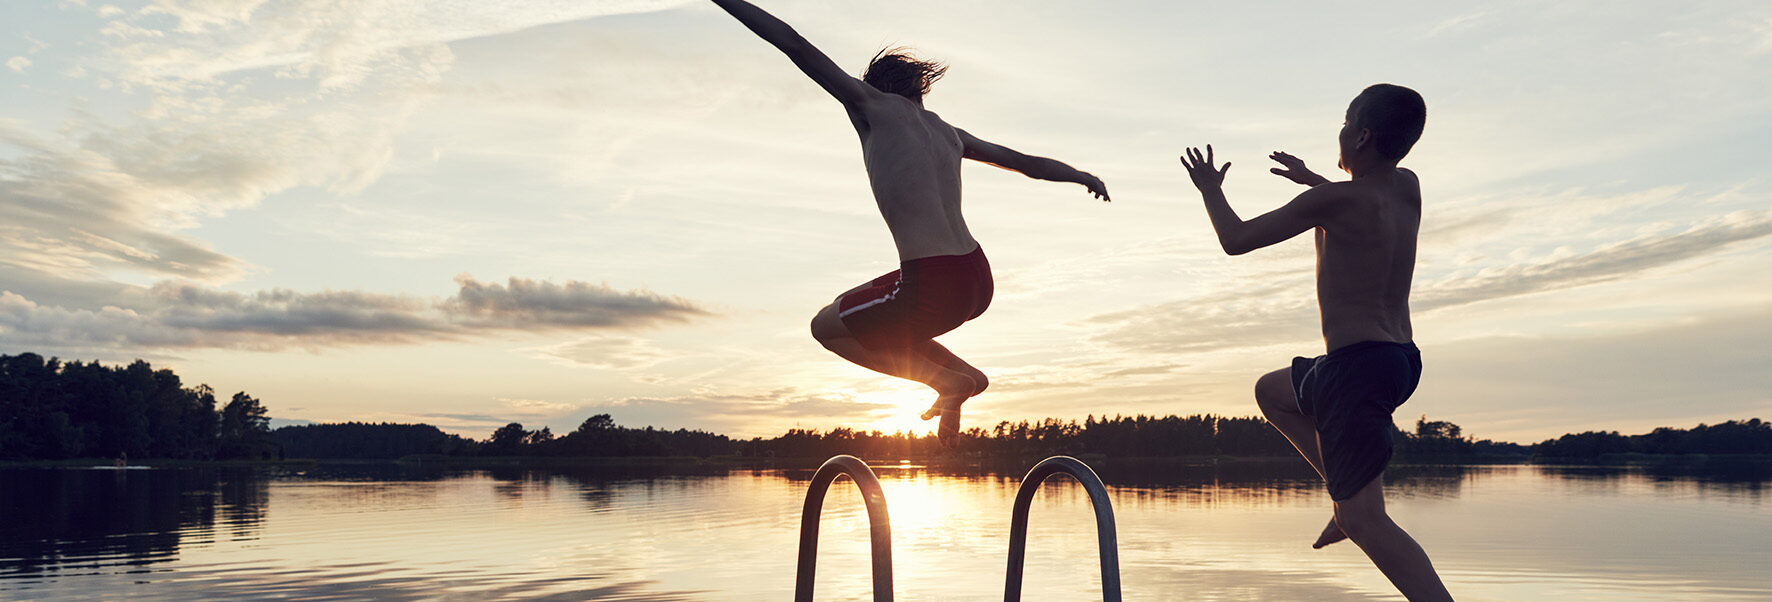 Op deze foto zie je twee jongen in het water springen tijdens de zomer. er is zomers weer op komst.